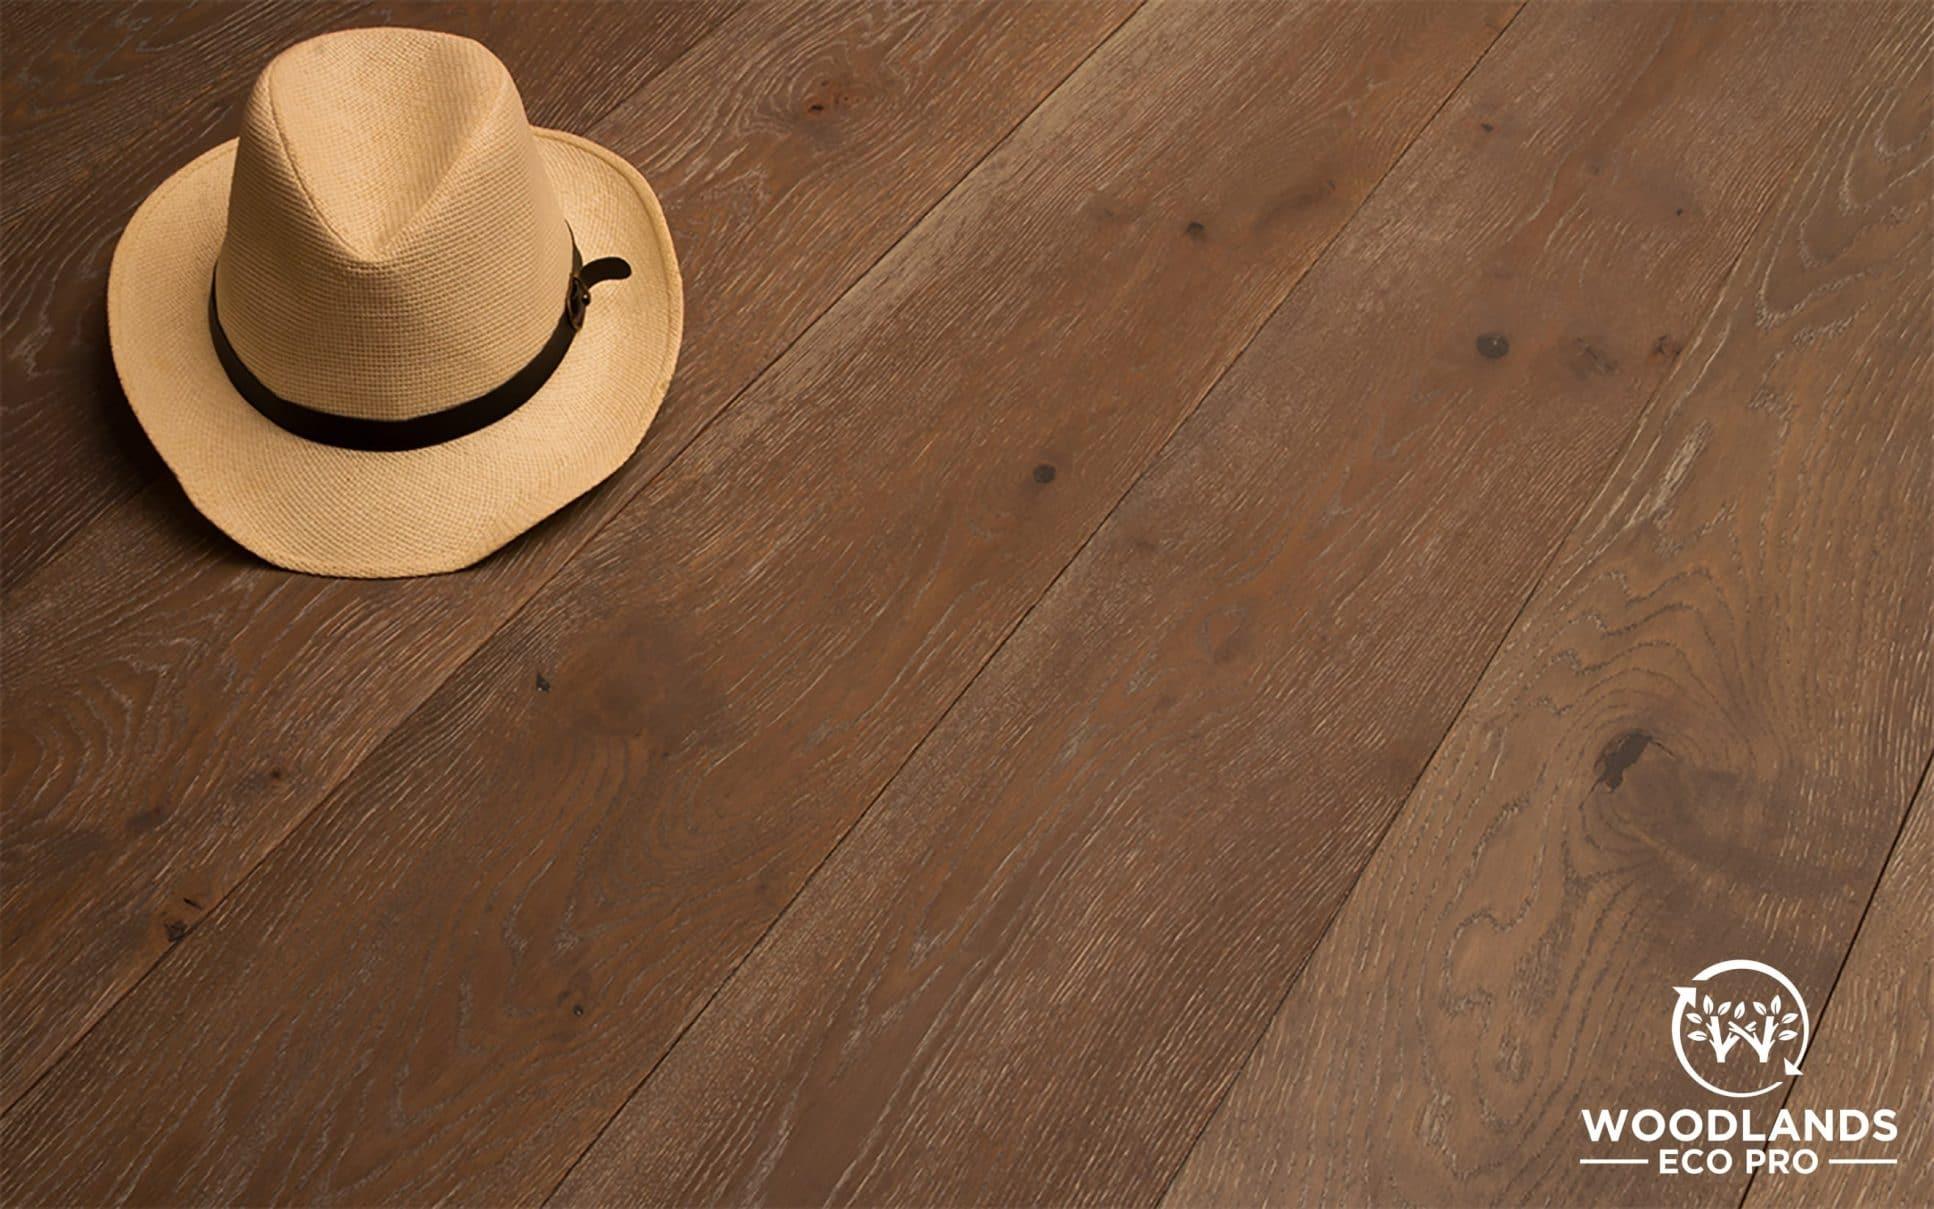 Woodlands Eco Pro Pewtered Copper Oak